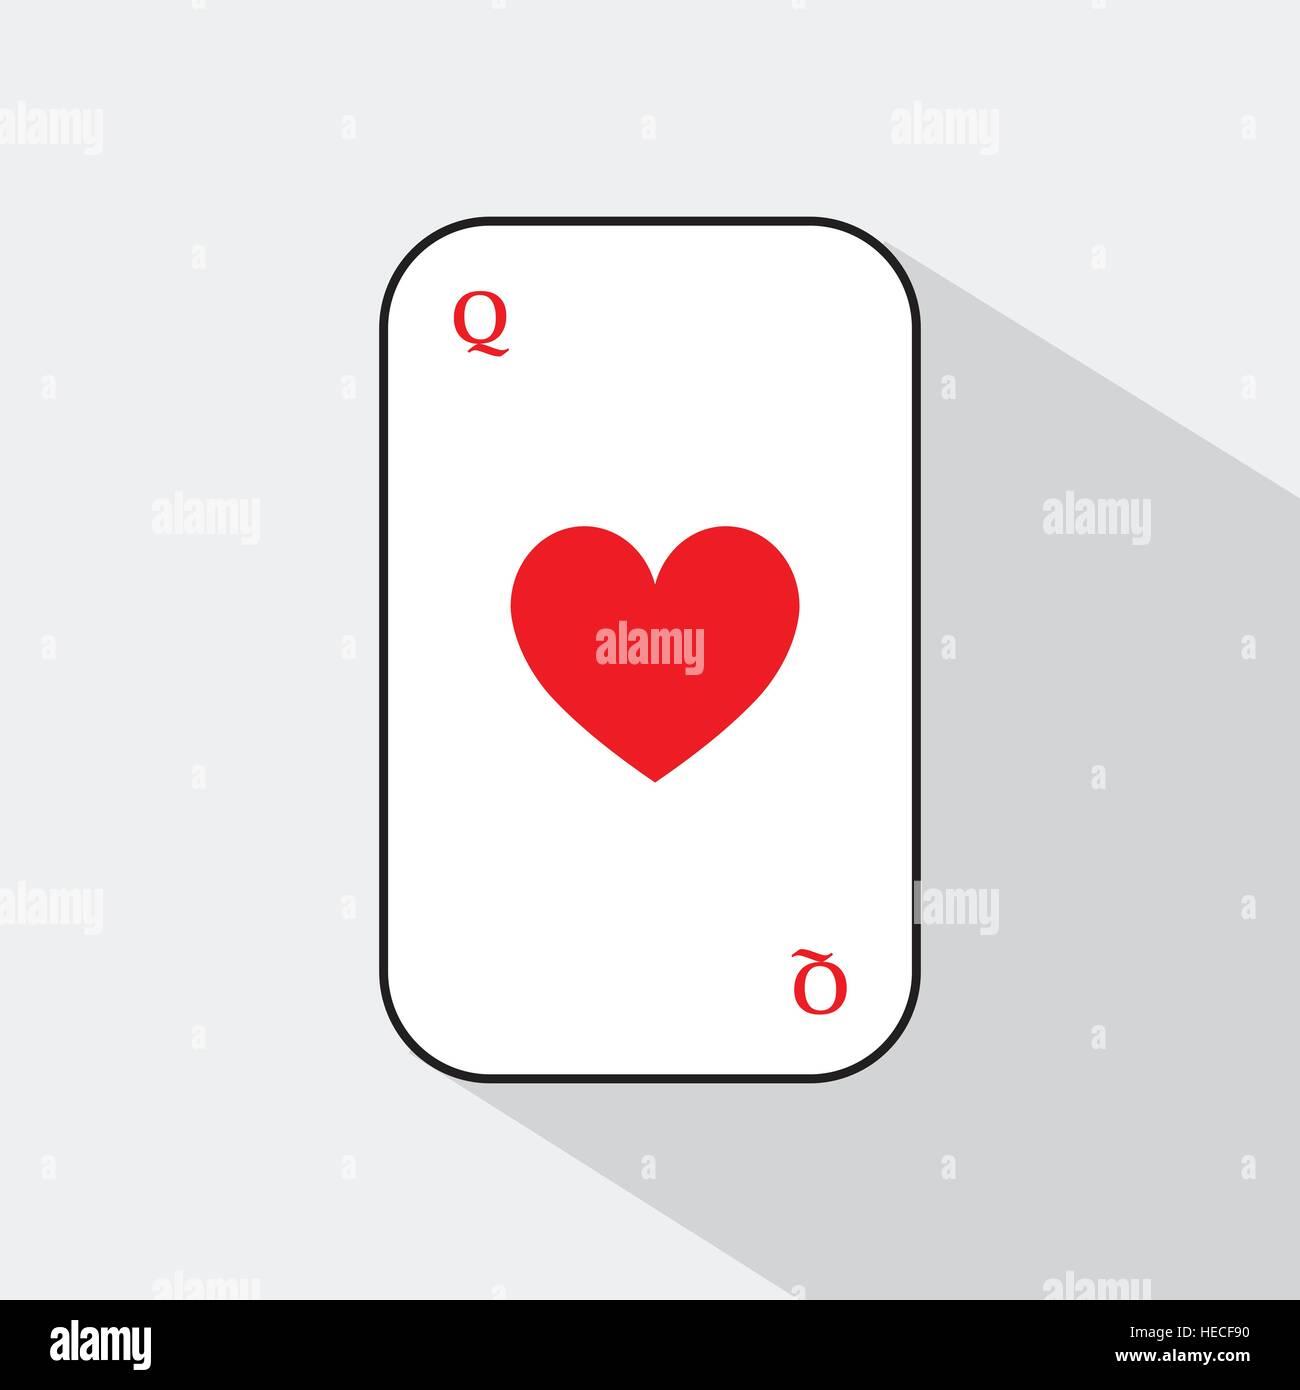 queen of hearts card vector stock photos amp queen of hearts